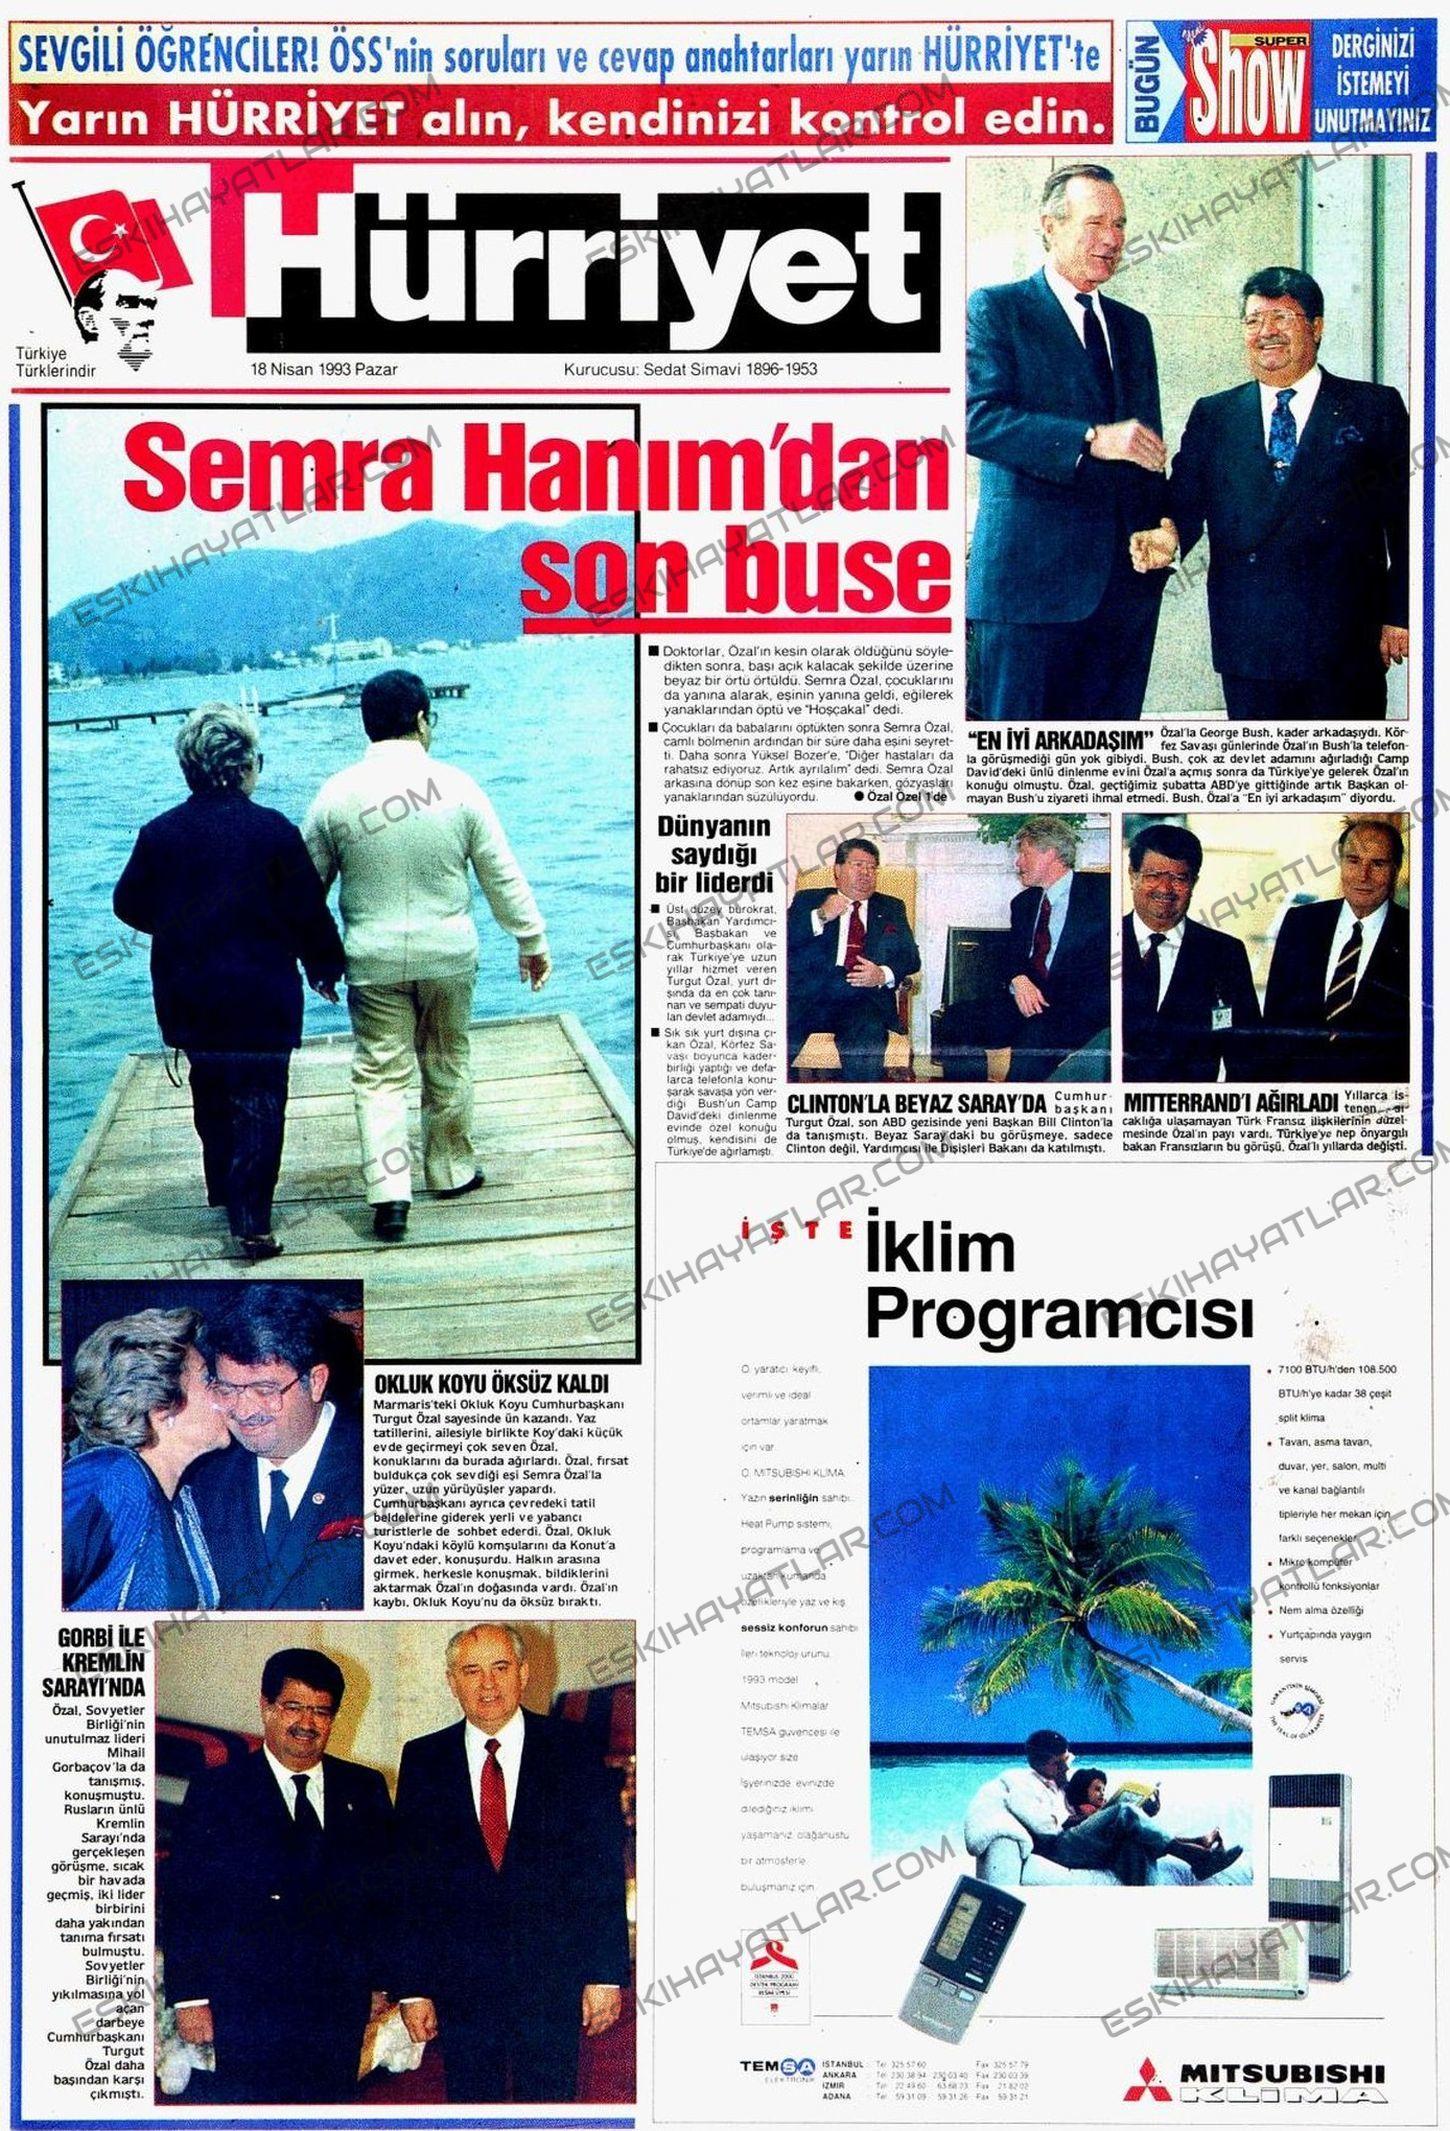 turgut-ozal-fotograflari-1993-yili-turgut-ozal-vefat-ilanlari-turgut-ozal-olum-haberleri (6)